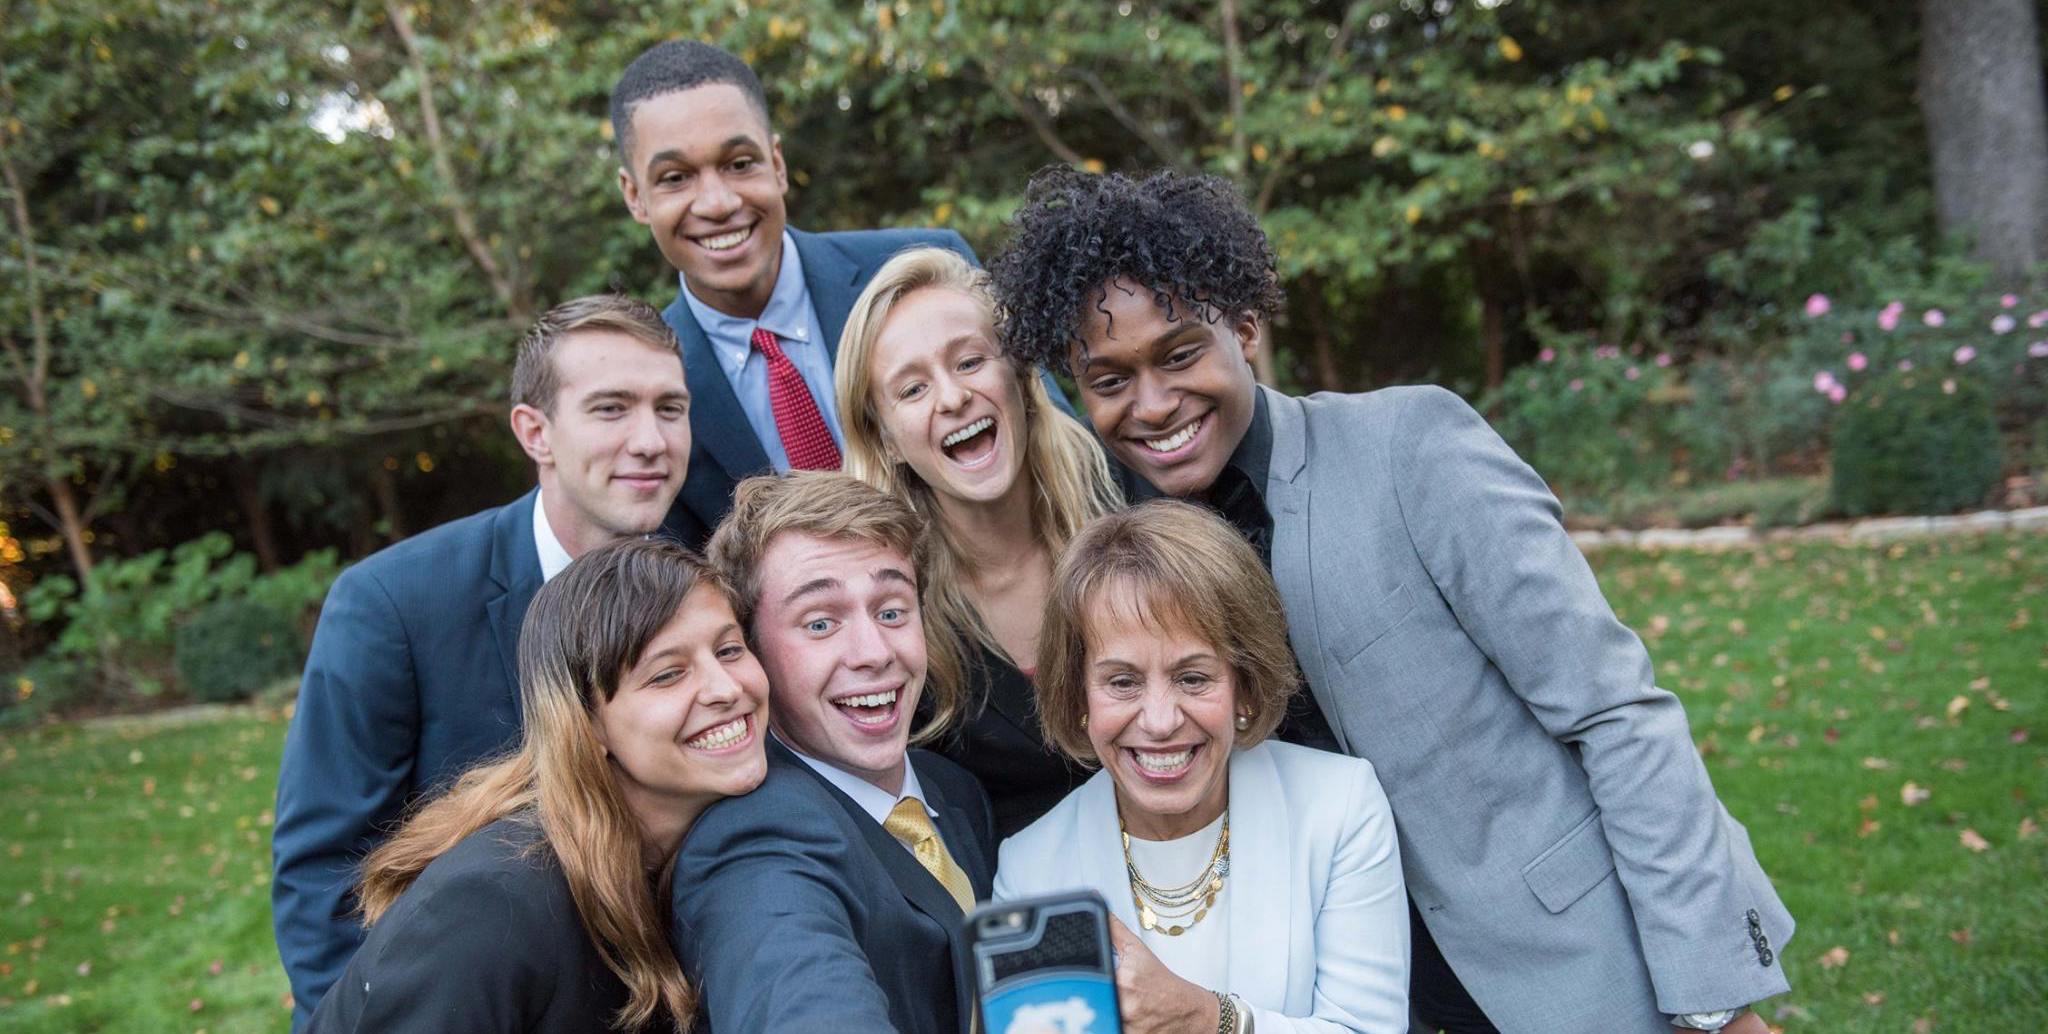 Phillips Ambassador Selfie